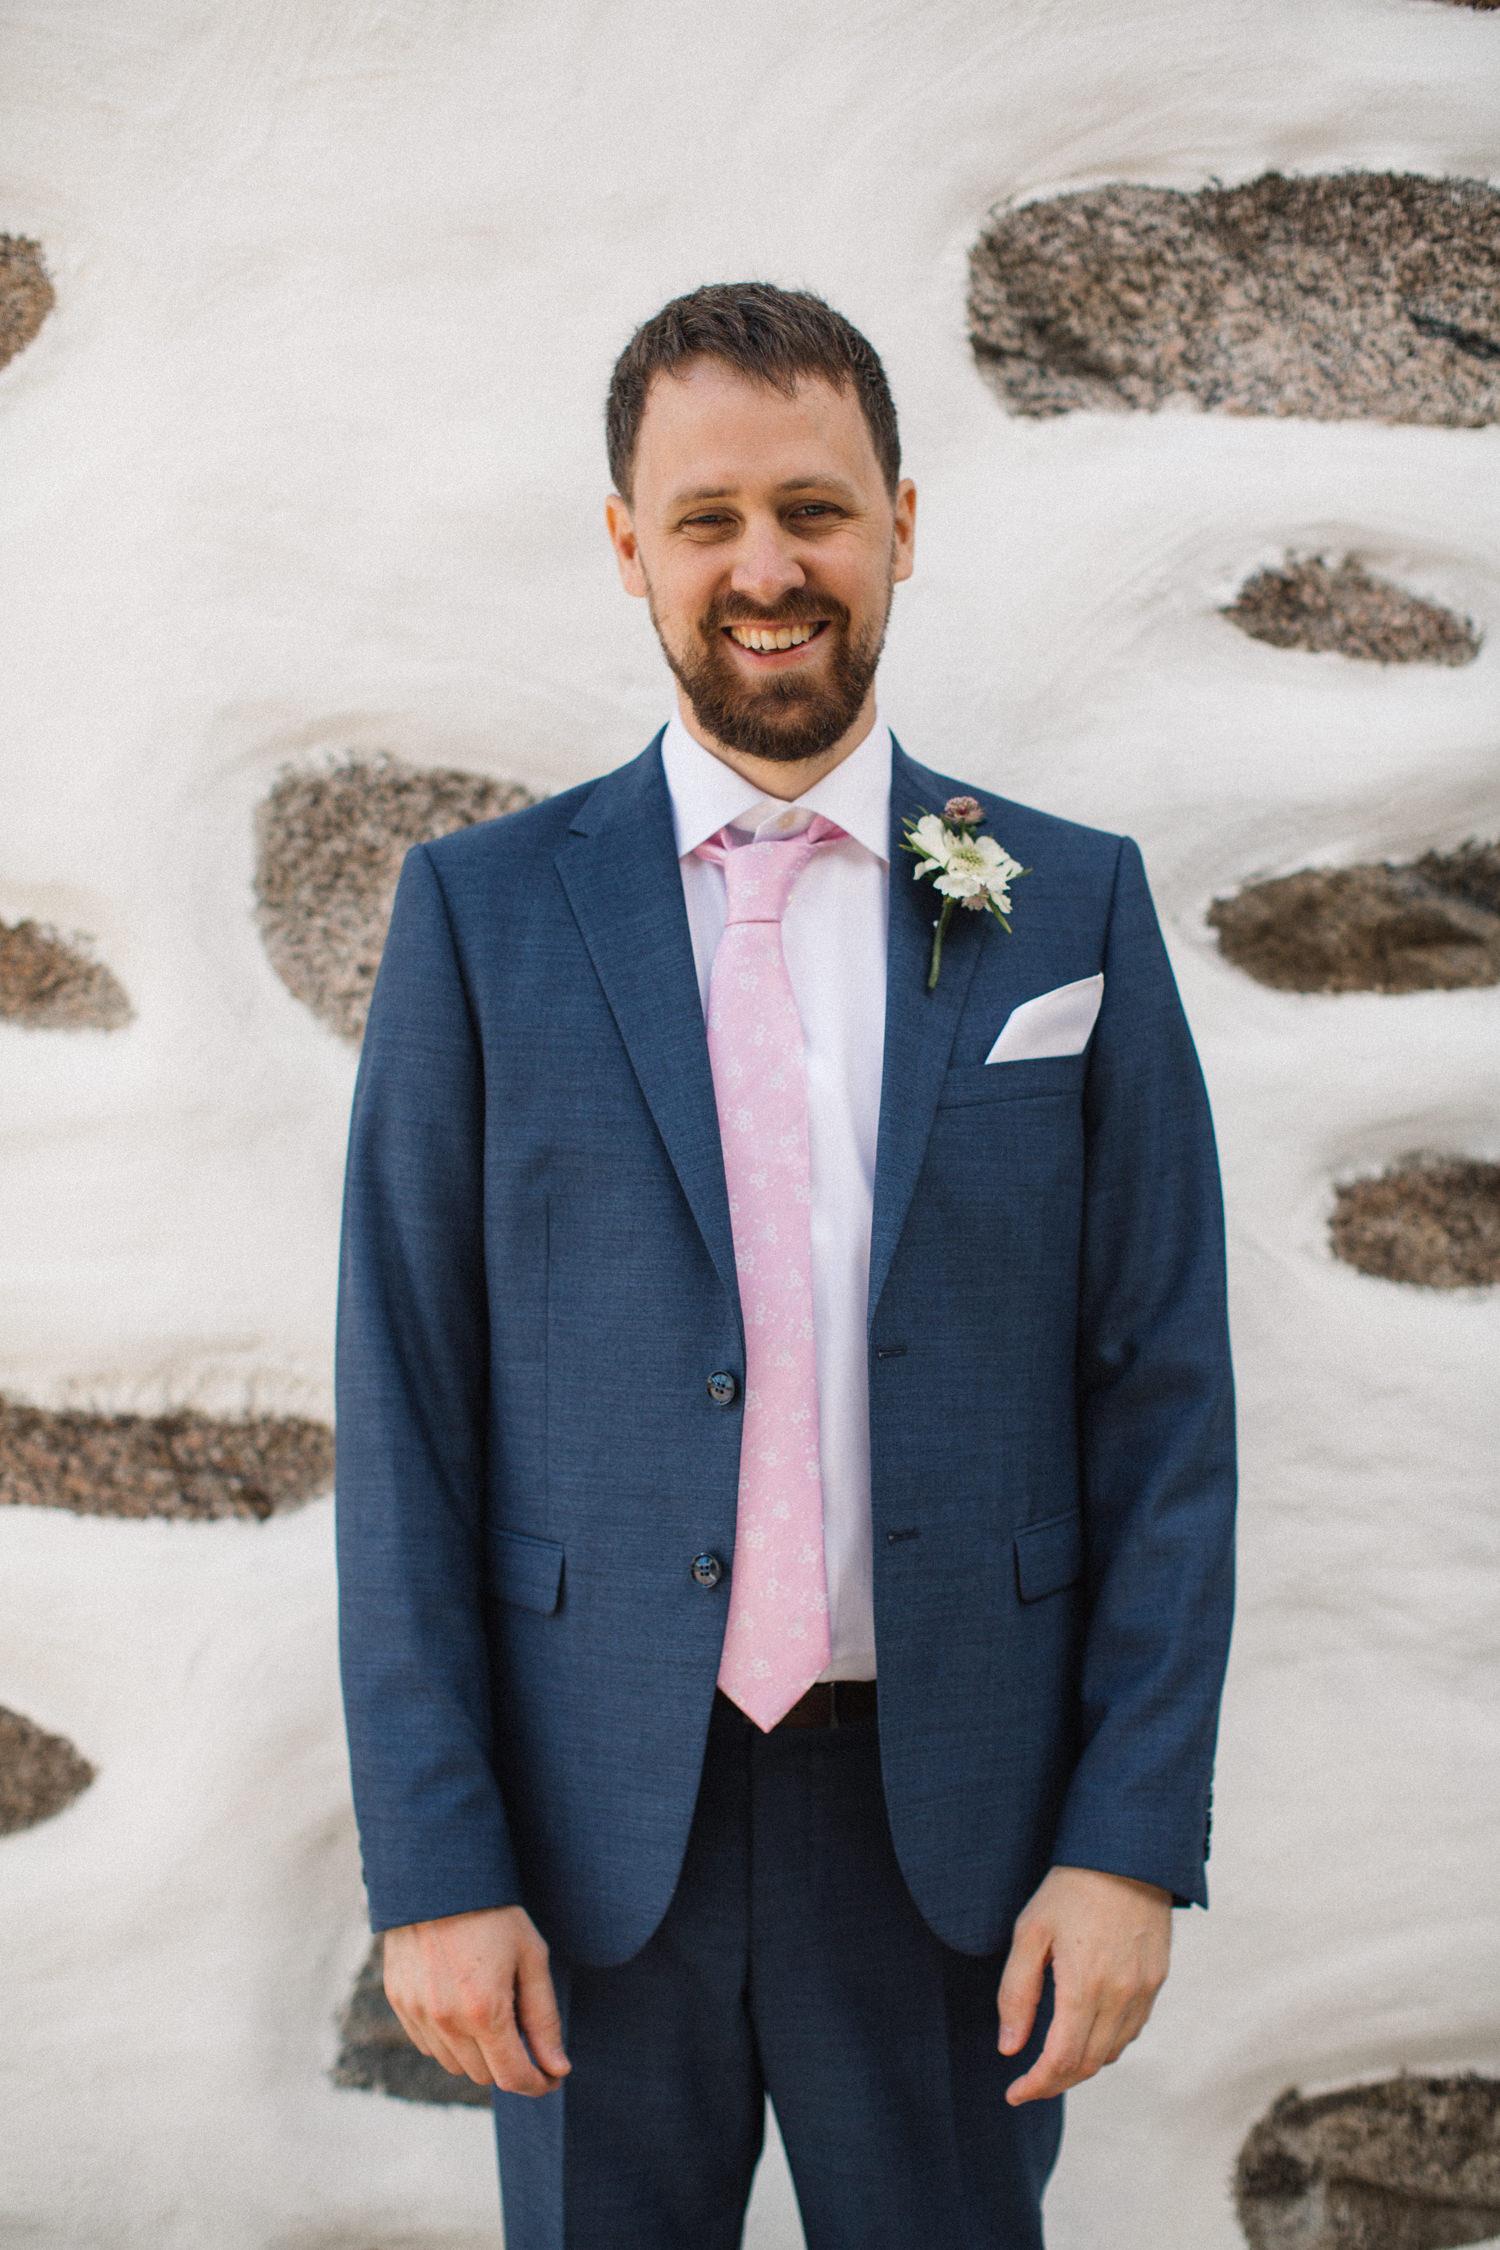 Porträtt på brudgum under ett bröllop på Eriksbergs Vilt & Natur i Karlshamn, Blekinge. Fotograf är Tove Lundquist.